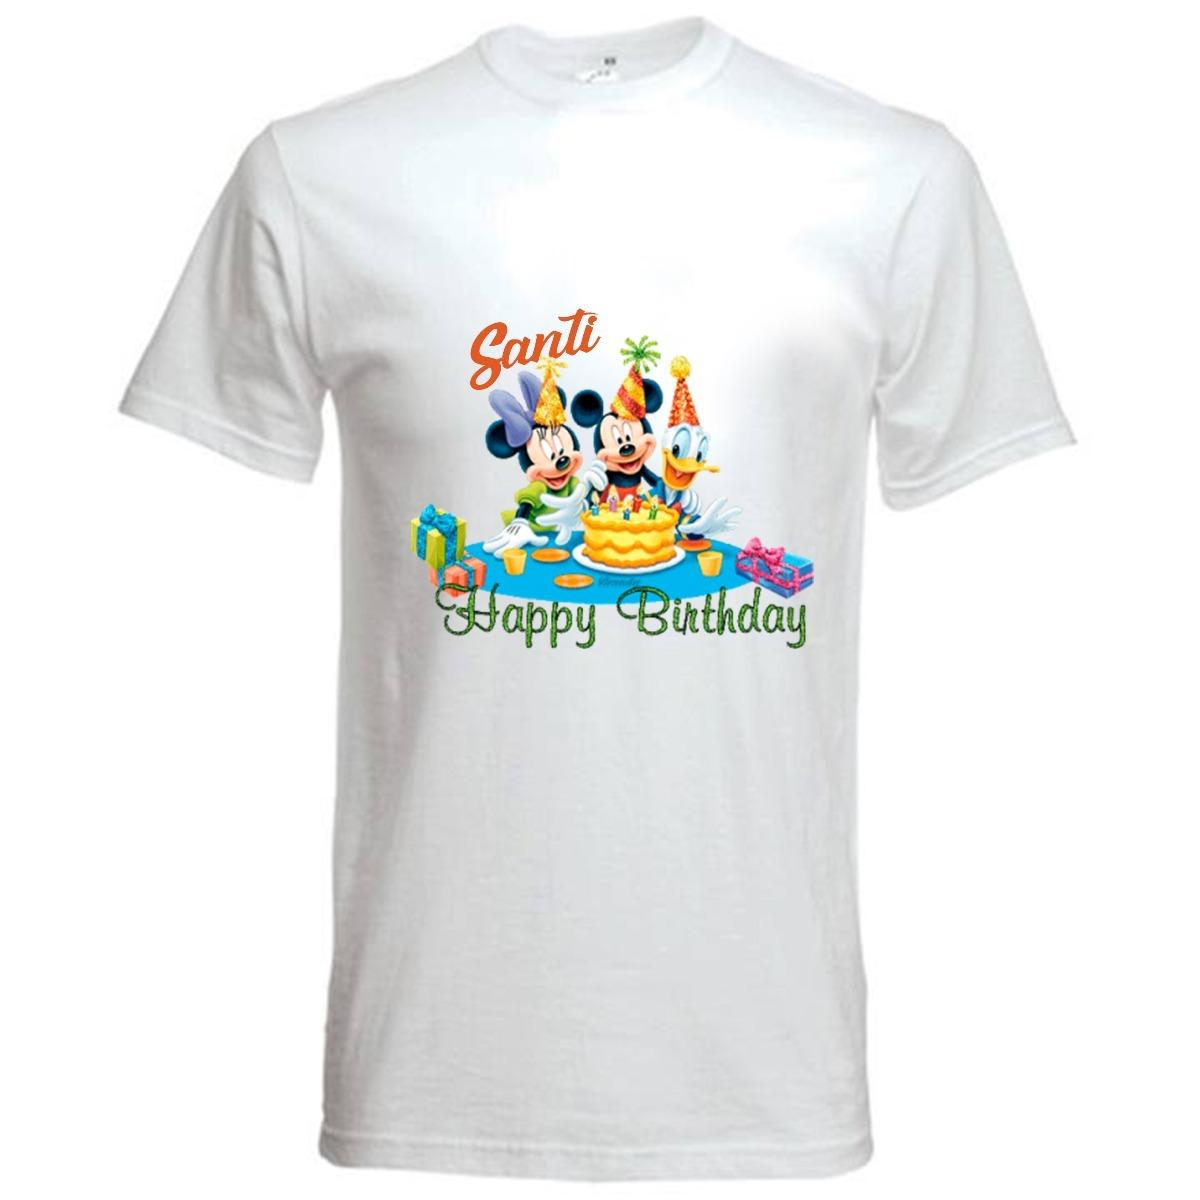 5ec2ef51ebf59 Personaliza Tu Camiseta -   13.950 en Mercado Libre